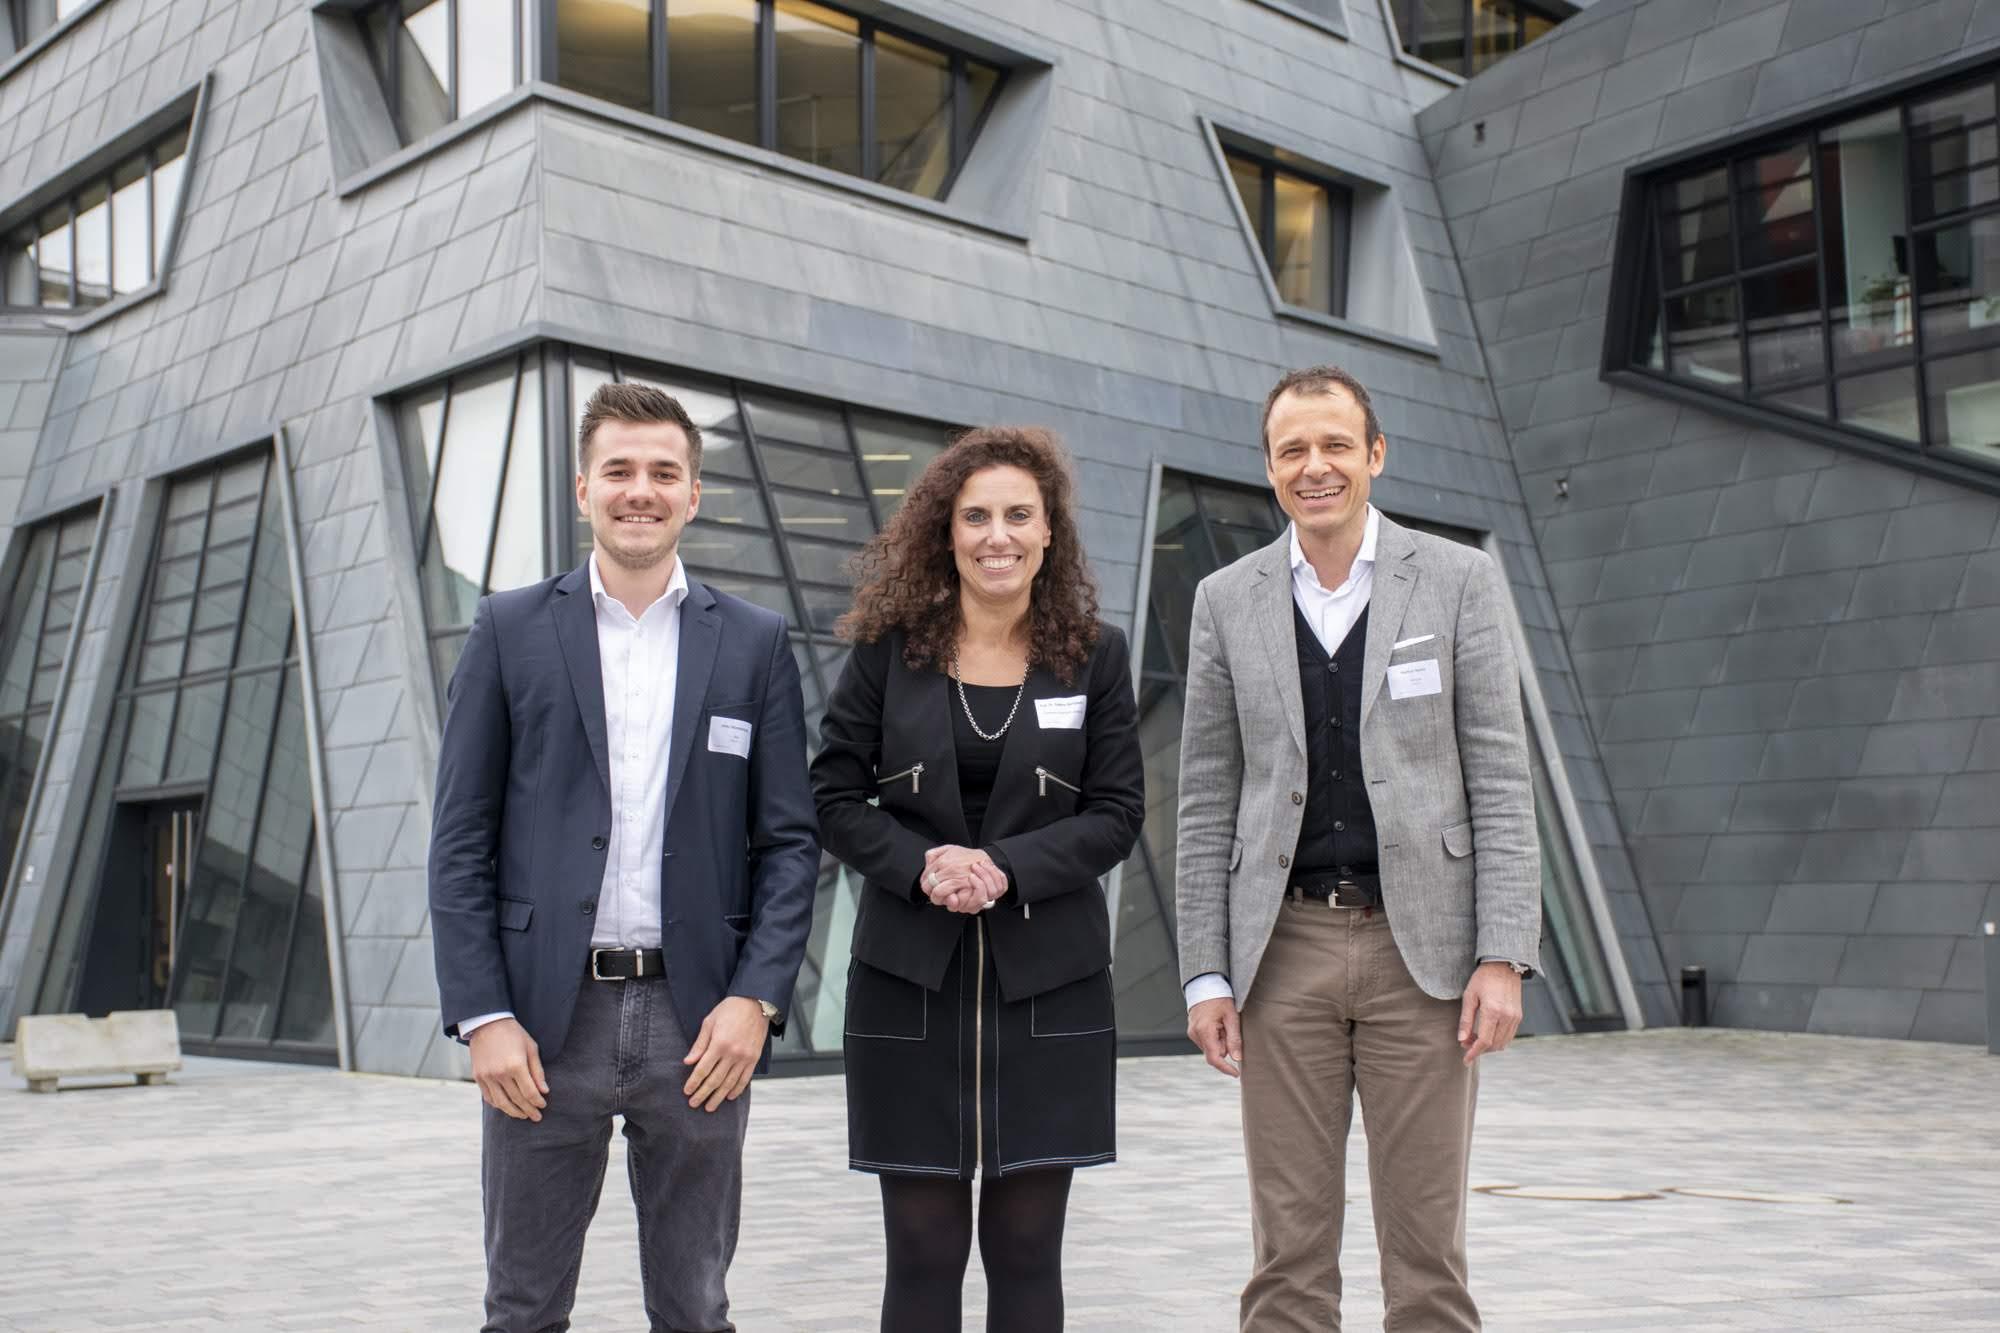 Gemeinsam für die positiven Möglichkeiten von KI und digitaler Performance: Markus Hacker, NVIDIA, Jelko Münsterkötter, IBM Watson, und Prof. Dr. Sabine Remdisch, Leiterin der LeadershipGarage